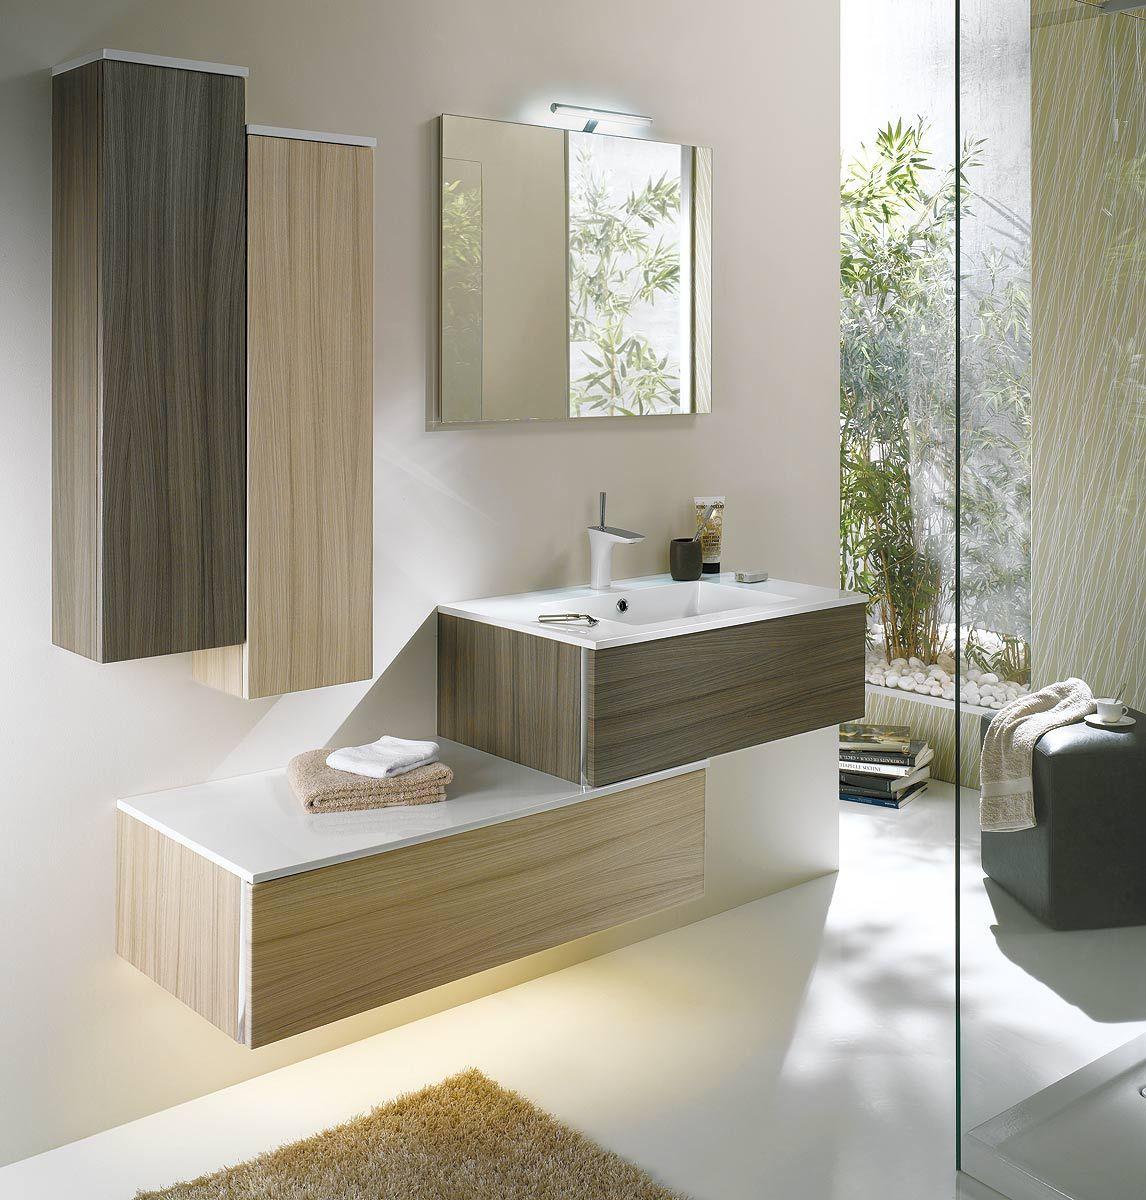 meuble salle de bain aubade salle de douche pinterest salle salle de bain et meuble salle. Black Bedroom Furniture Sets. Home Design Ideas